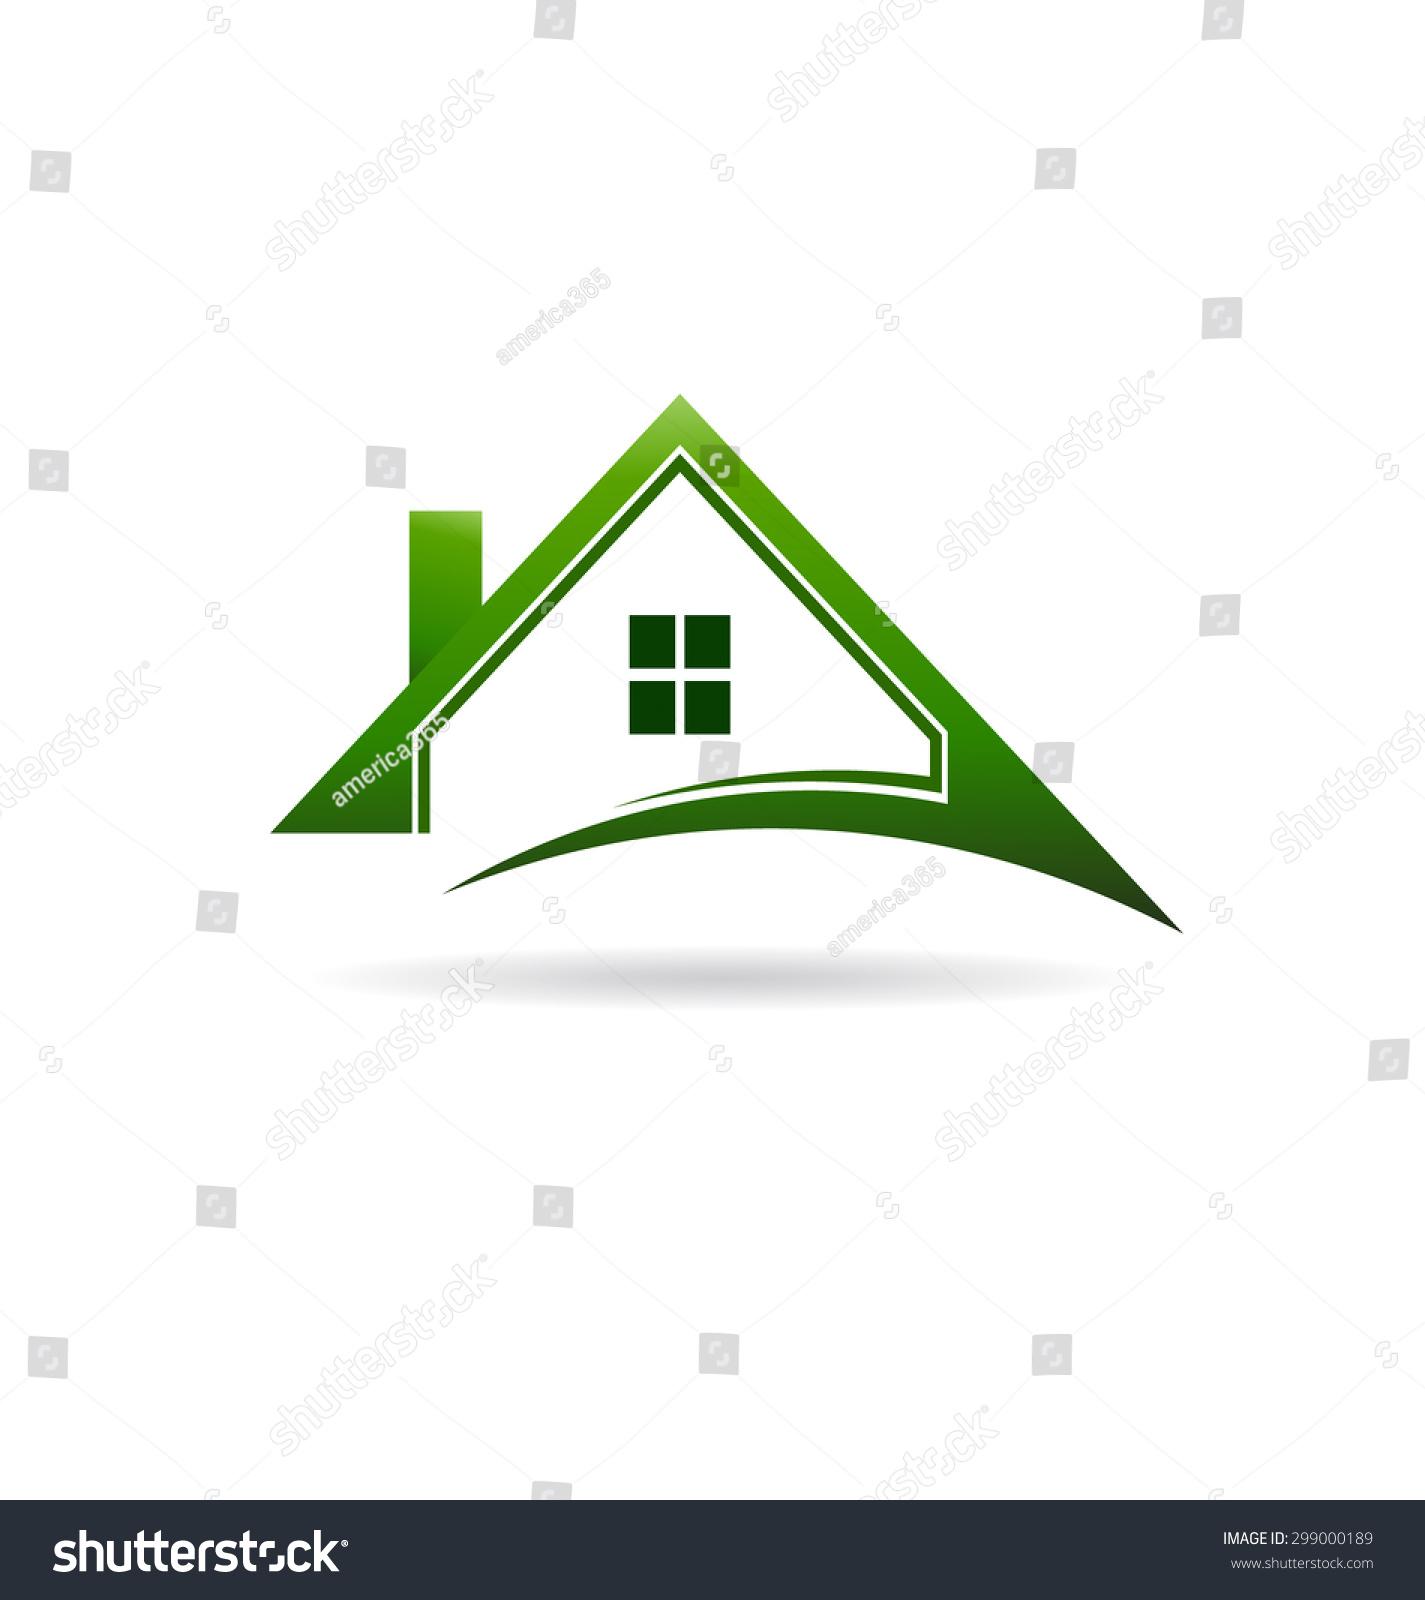 温室嗖的标志-建筑物/地标,商业/金融-海洛创意()-合.